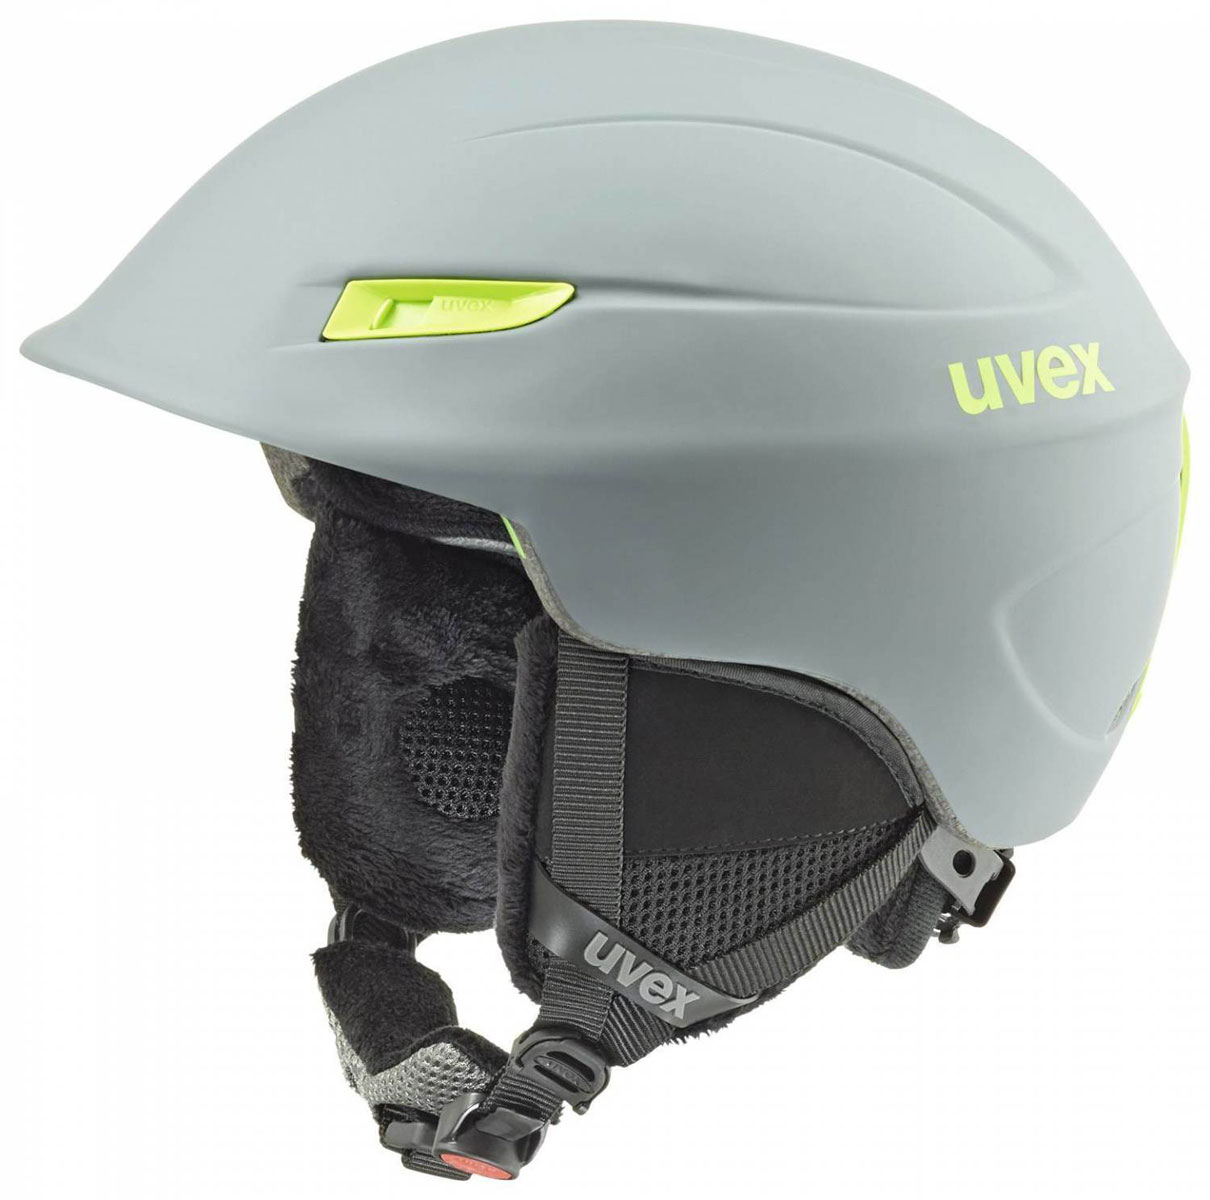 Шлем зимний Uvex Gamma, цвет: зеленый. Размер L/XL6189-5007Легкий шлем для комфортного и безопасного катания. Гипоаллергенный материал подкладки, Регулируемая система вентиляции, Съемная защита ушей, Фиксатор стрэпа маски, Система индивидуальной подгонки размера IAS, Застёжка monomatic®, Сделано в ГерманииКонструкция In-mouldВентиляция РегулируемаяСертификация EN 1077 BРегулировка размера ЕстьТип регулировки размера IASМатериал внешней раковины ABSМатериал внутренней раковины ПенополистиролМатериал подкладки Полиэстер